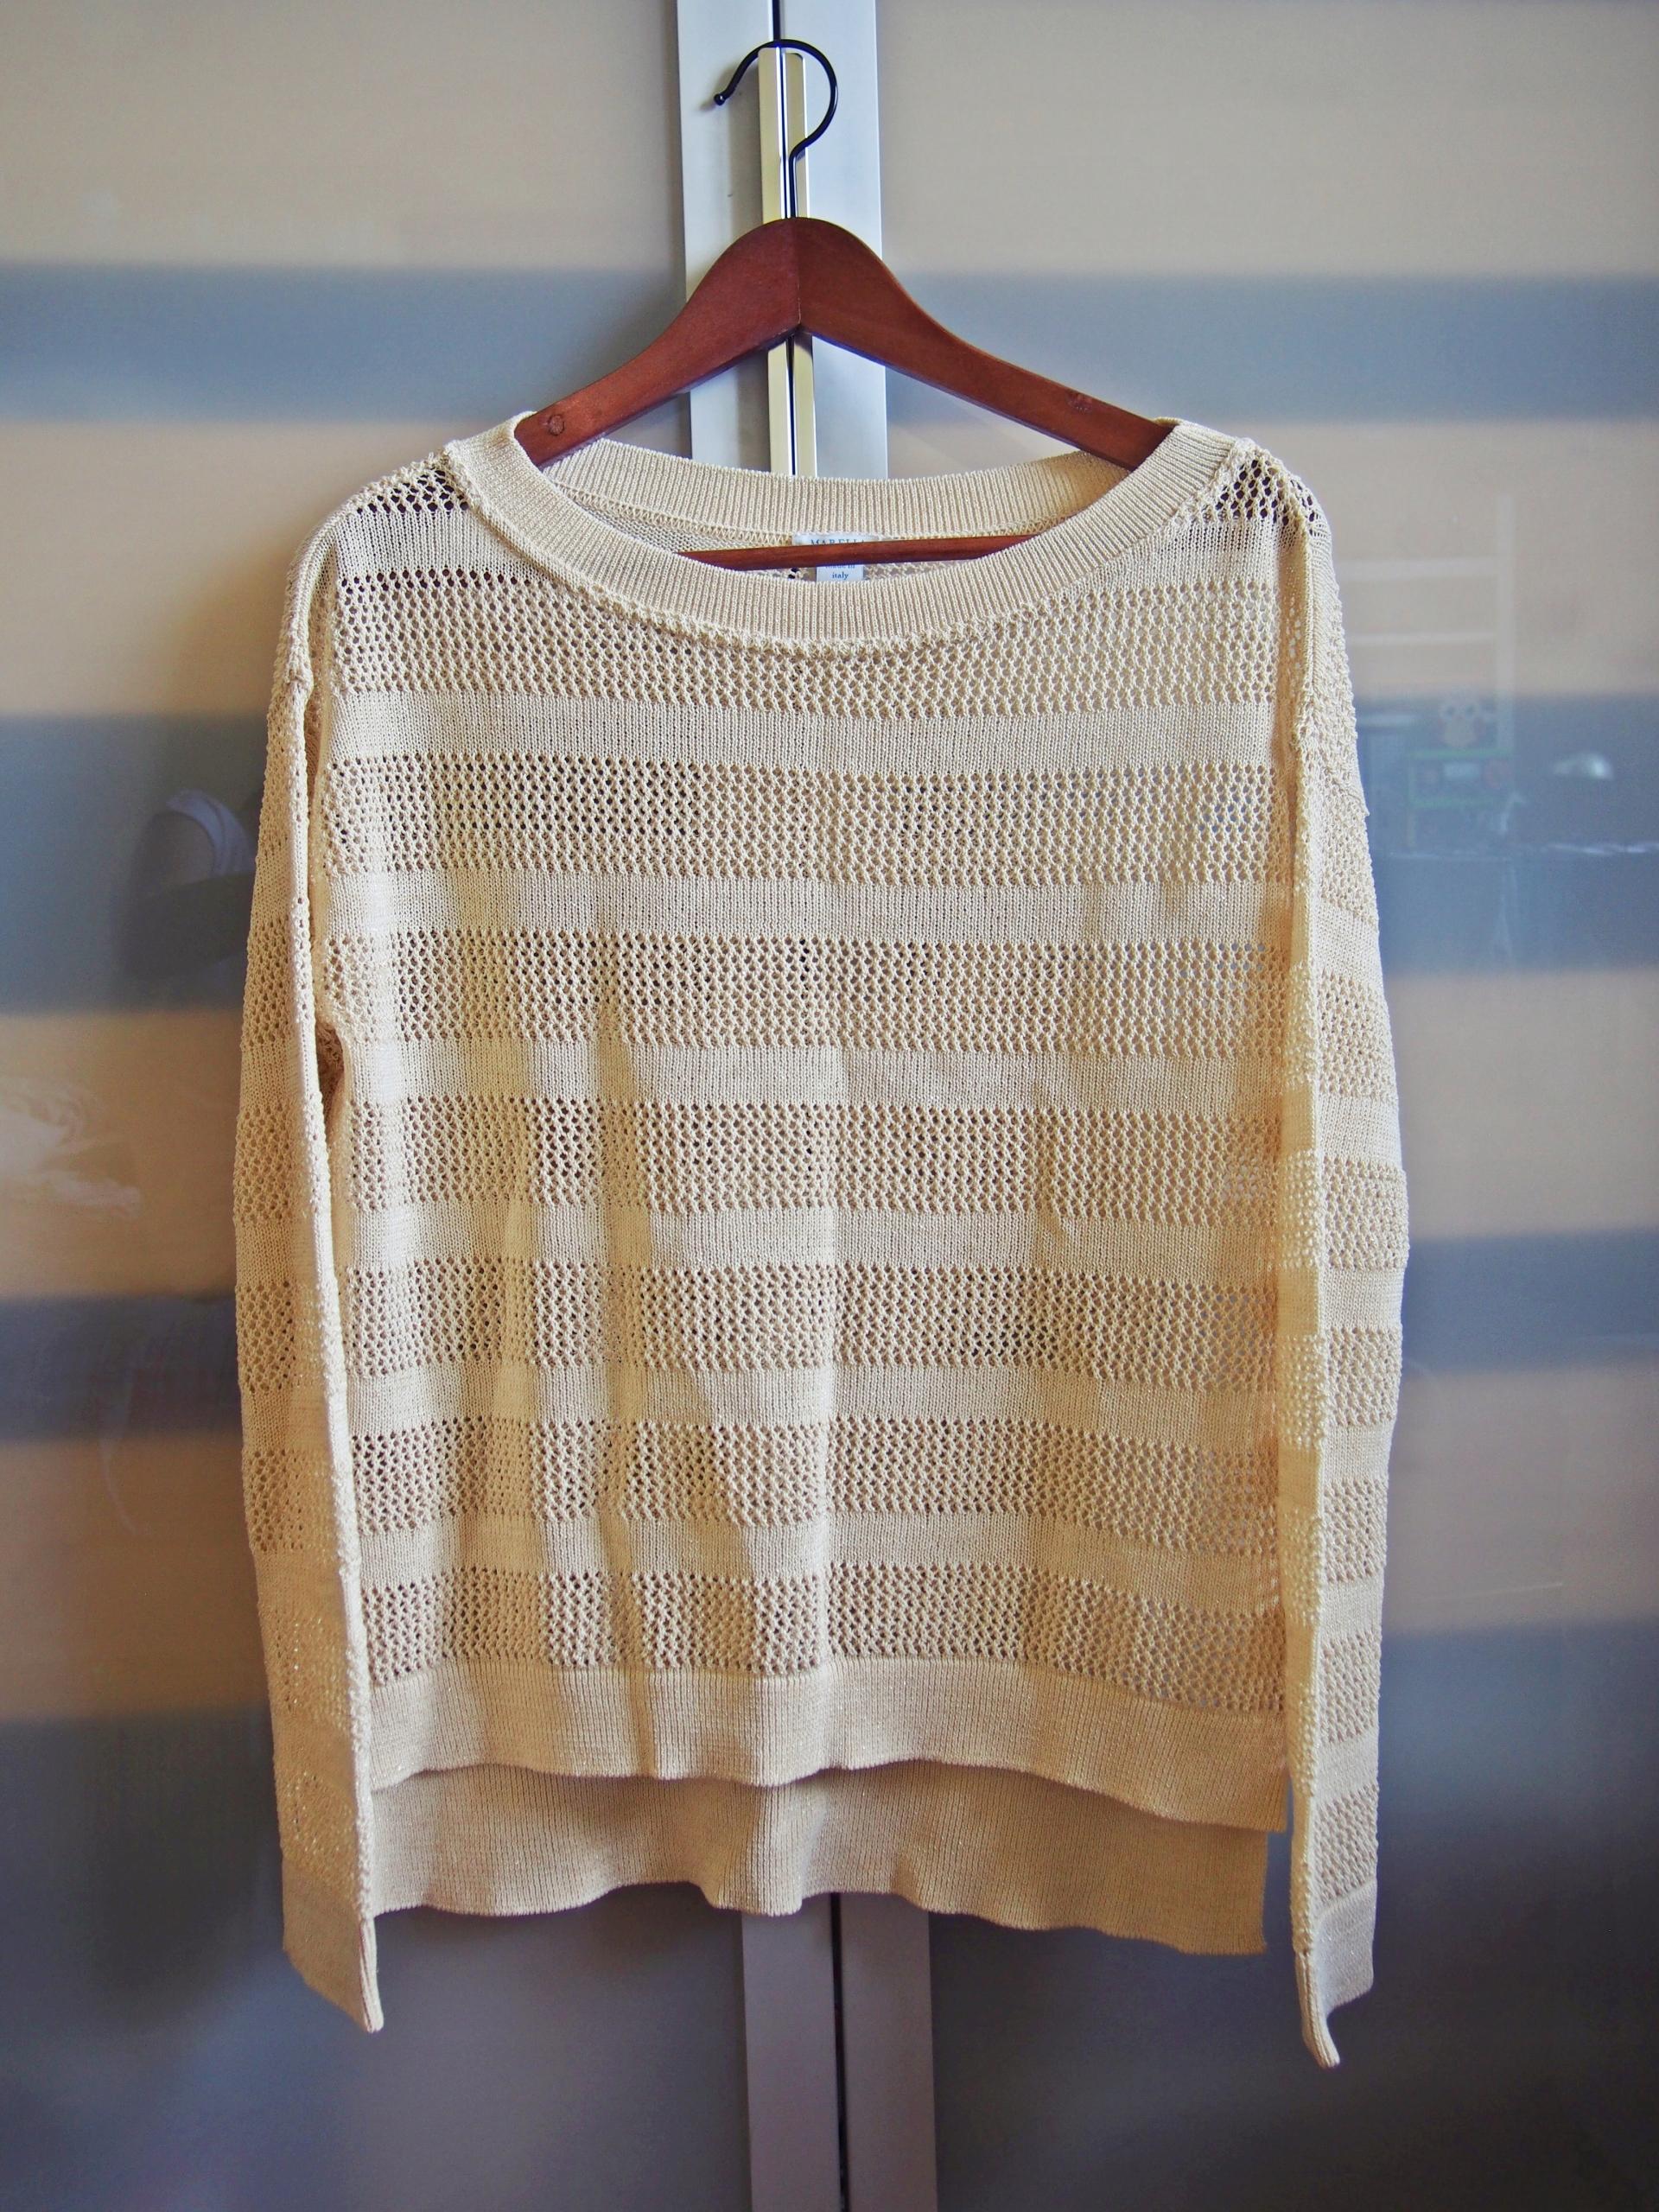 MARELLA - sweter, gr. MaxMara, Max mara,